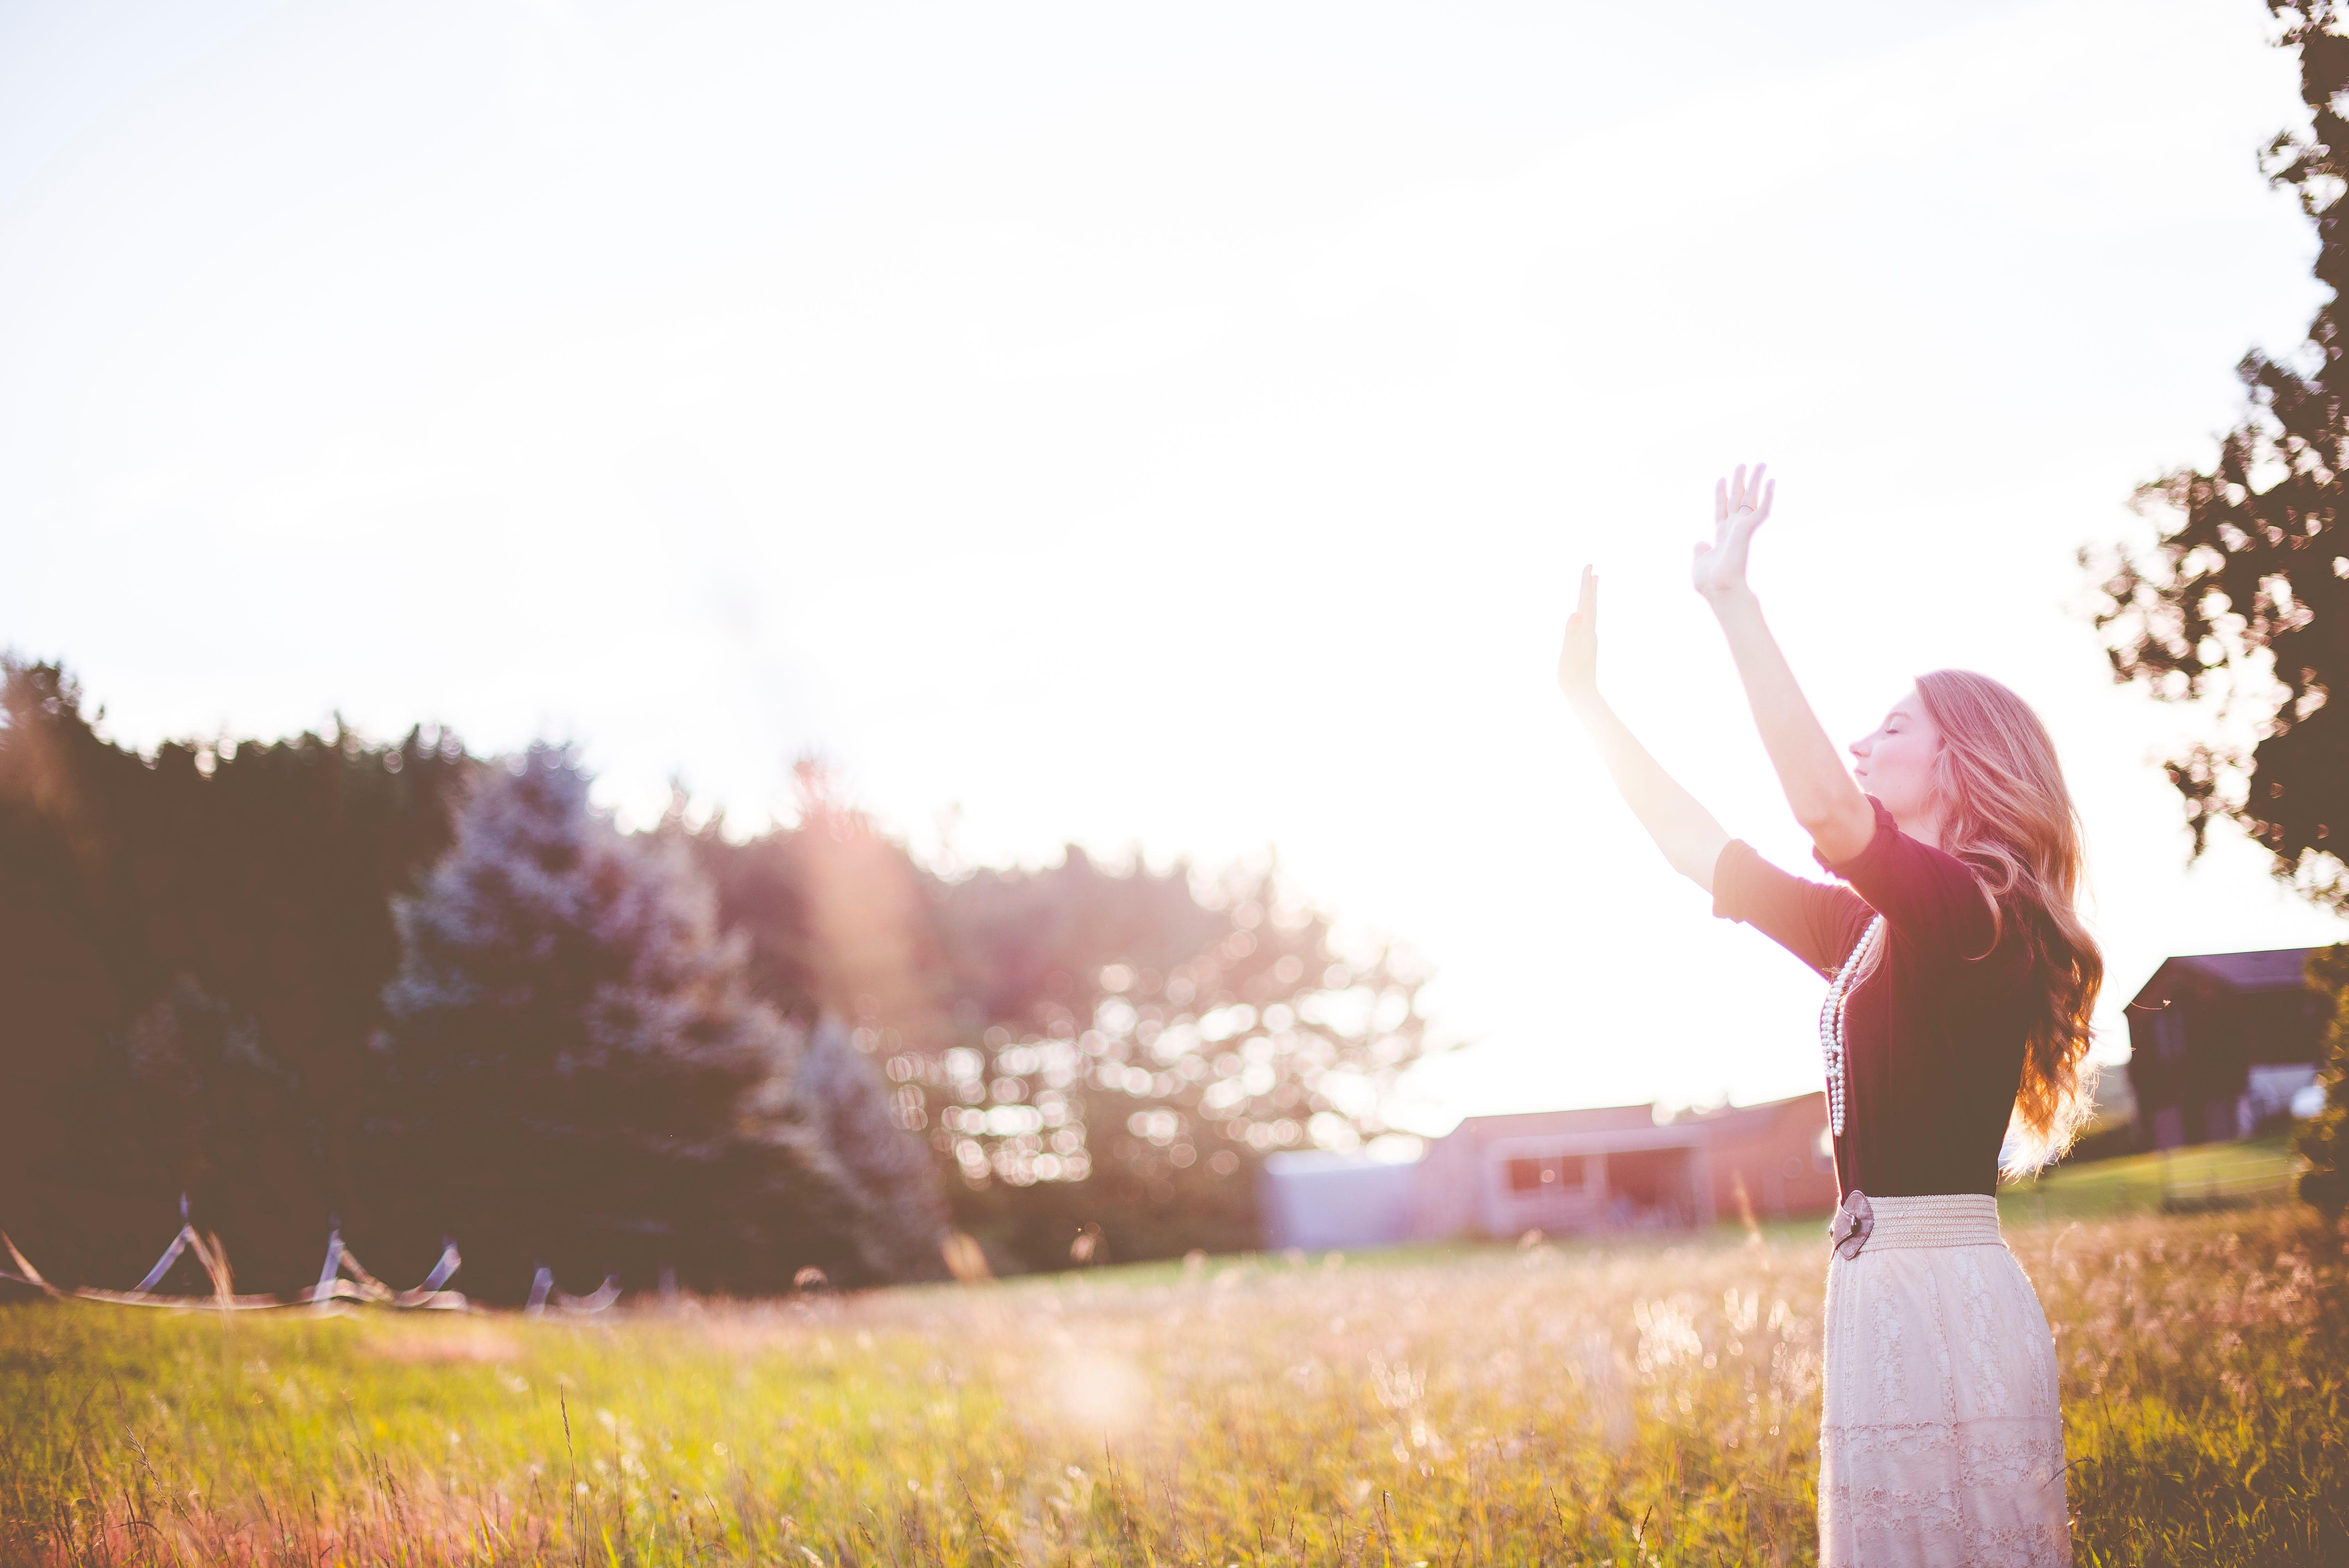 santerias en chicago, botanicavirgenmorena.com, amarres de amor en chicago, lectura del tarot en chicago, santeria in chicago, endulzamientos de pareja, amarres matrimoniales, uniones de pareja, amarres de amor gay, dominios de amor, enamorar, seducir, conquistar, infidelidad, traicion, celos, infiel, rupturas, sufrir de amor